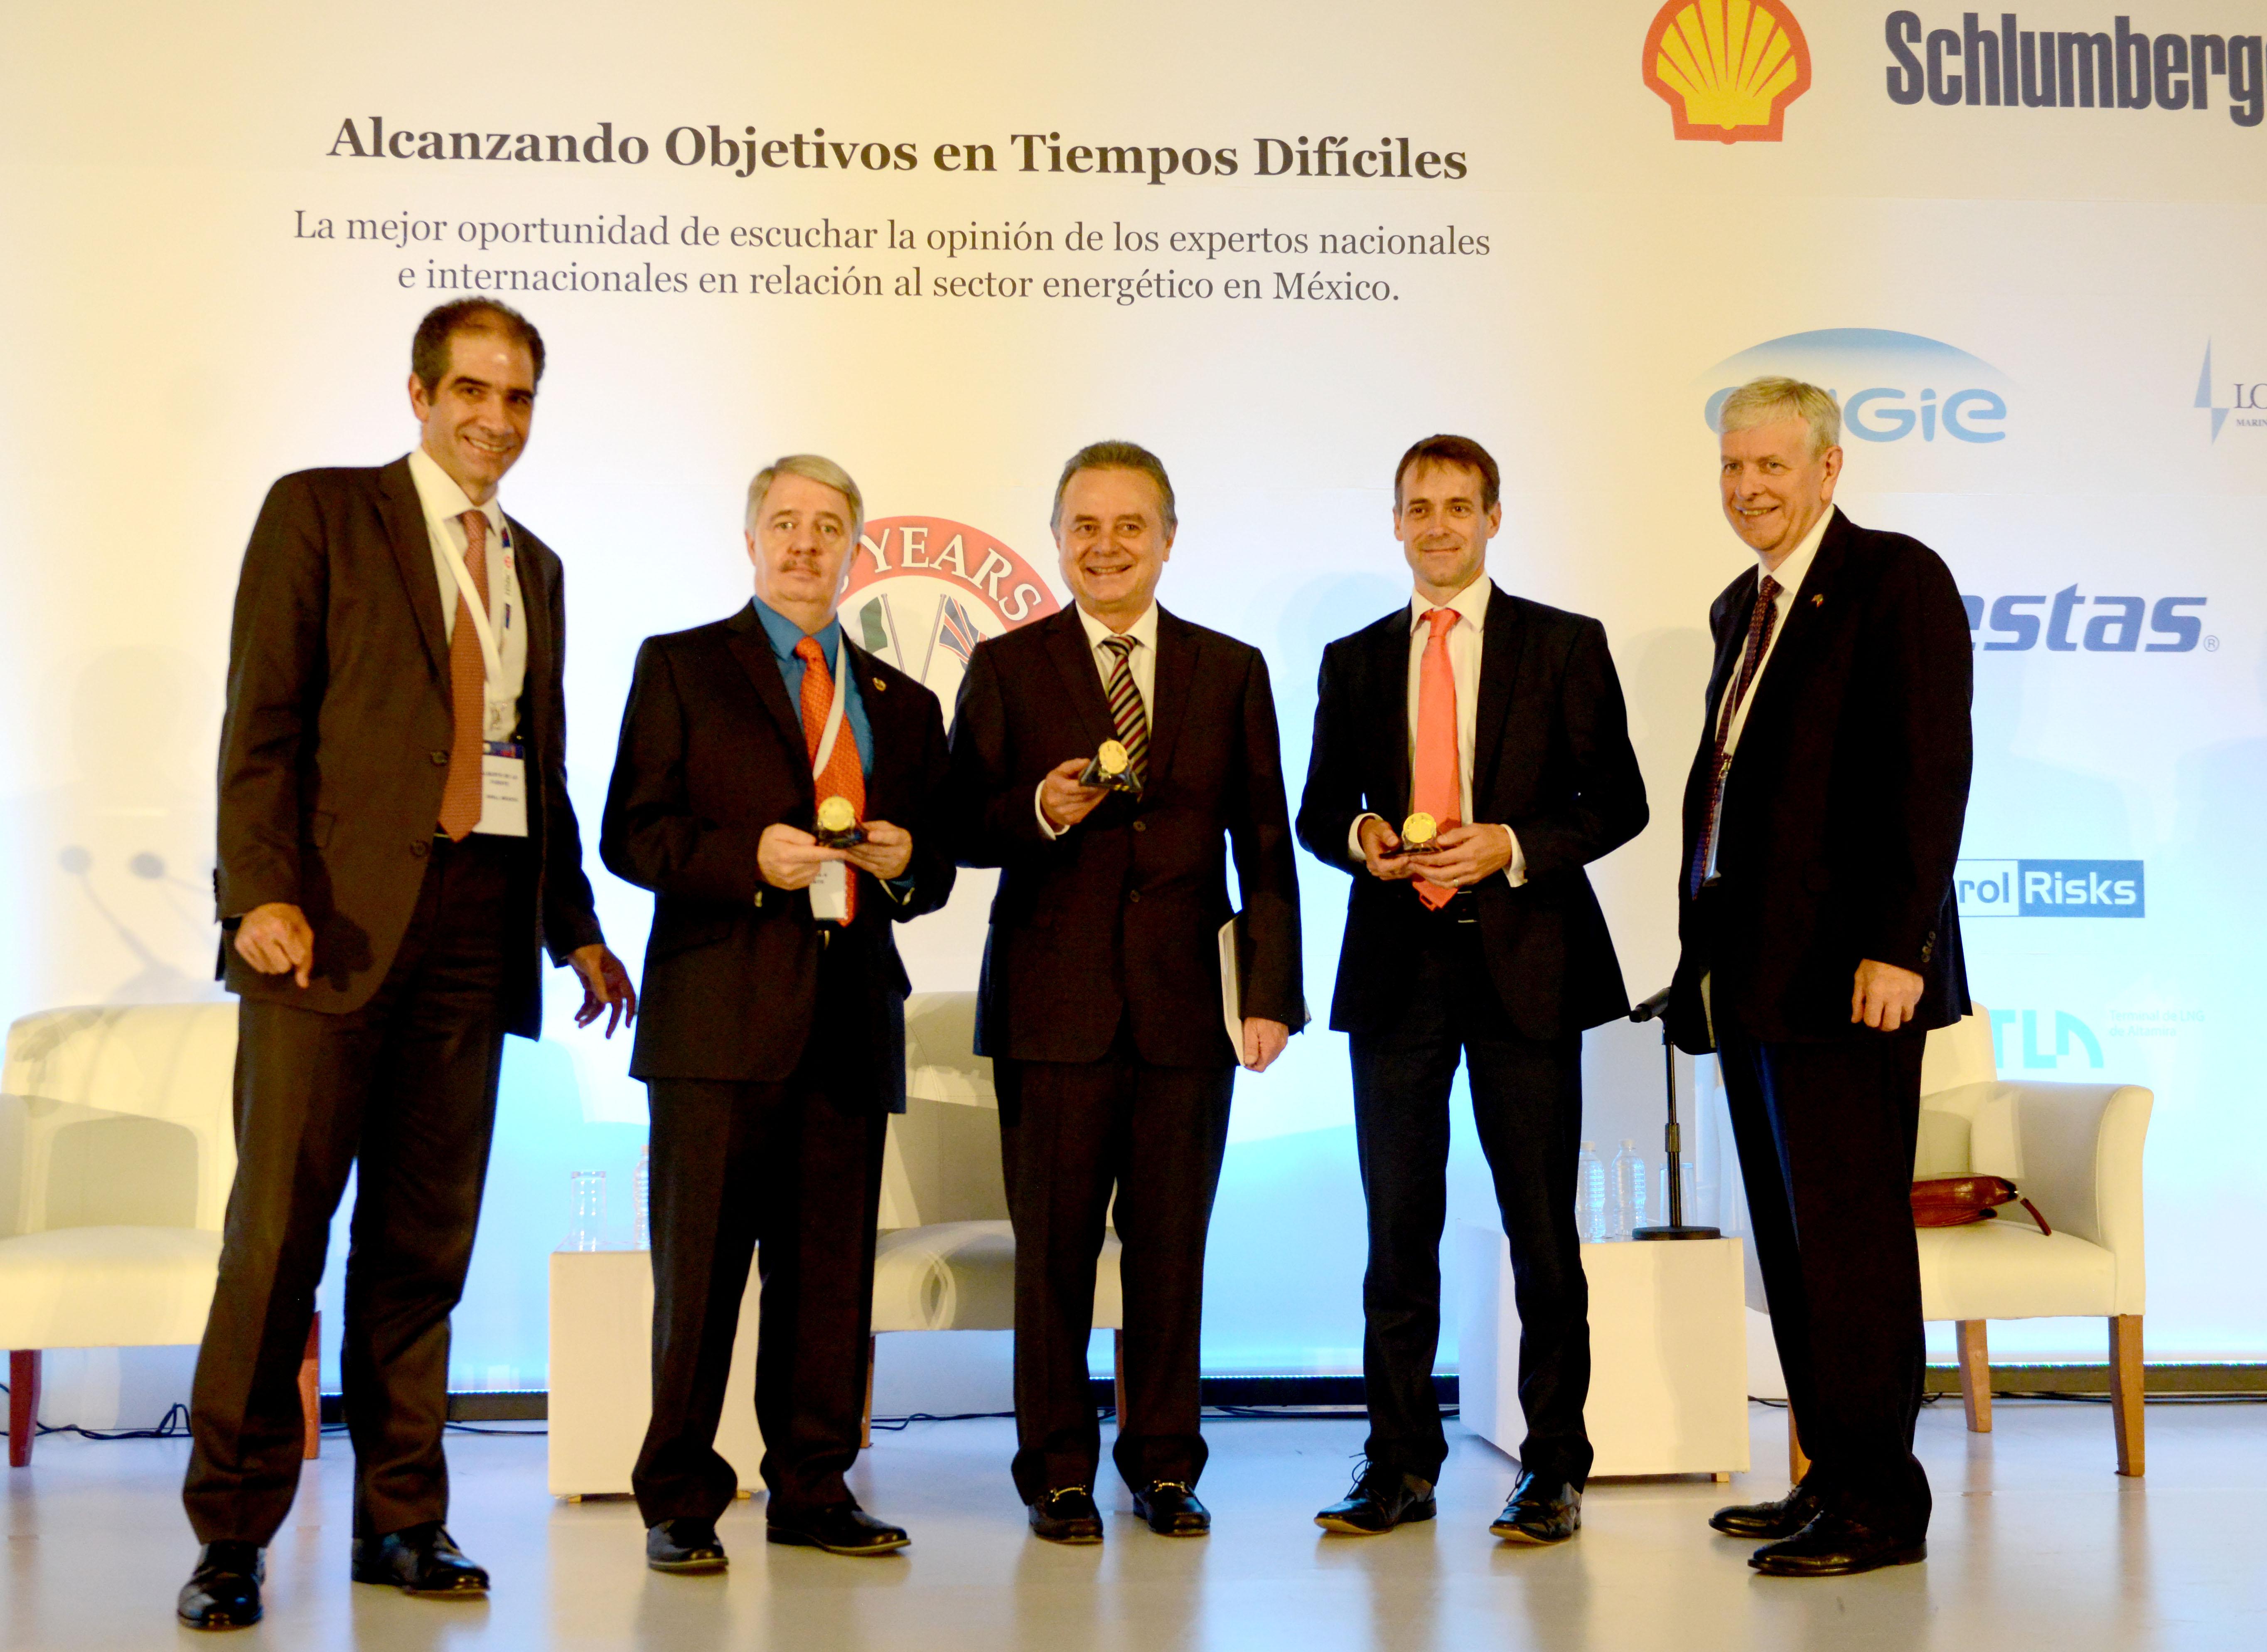 Se pondrán en operación 16 nuevas plantas eólicas y solares, como resultado de la Primera Subasta Eléctrica